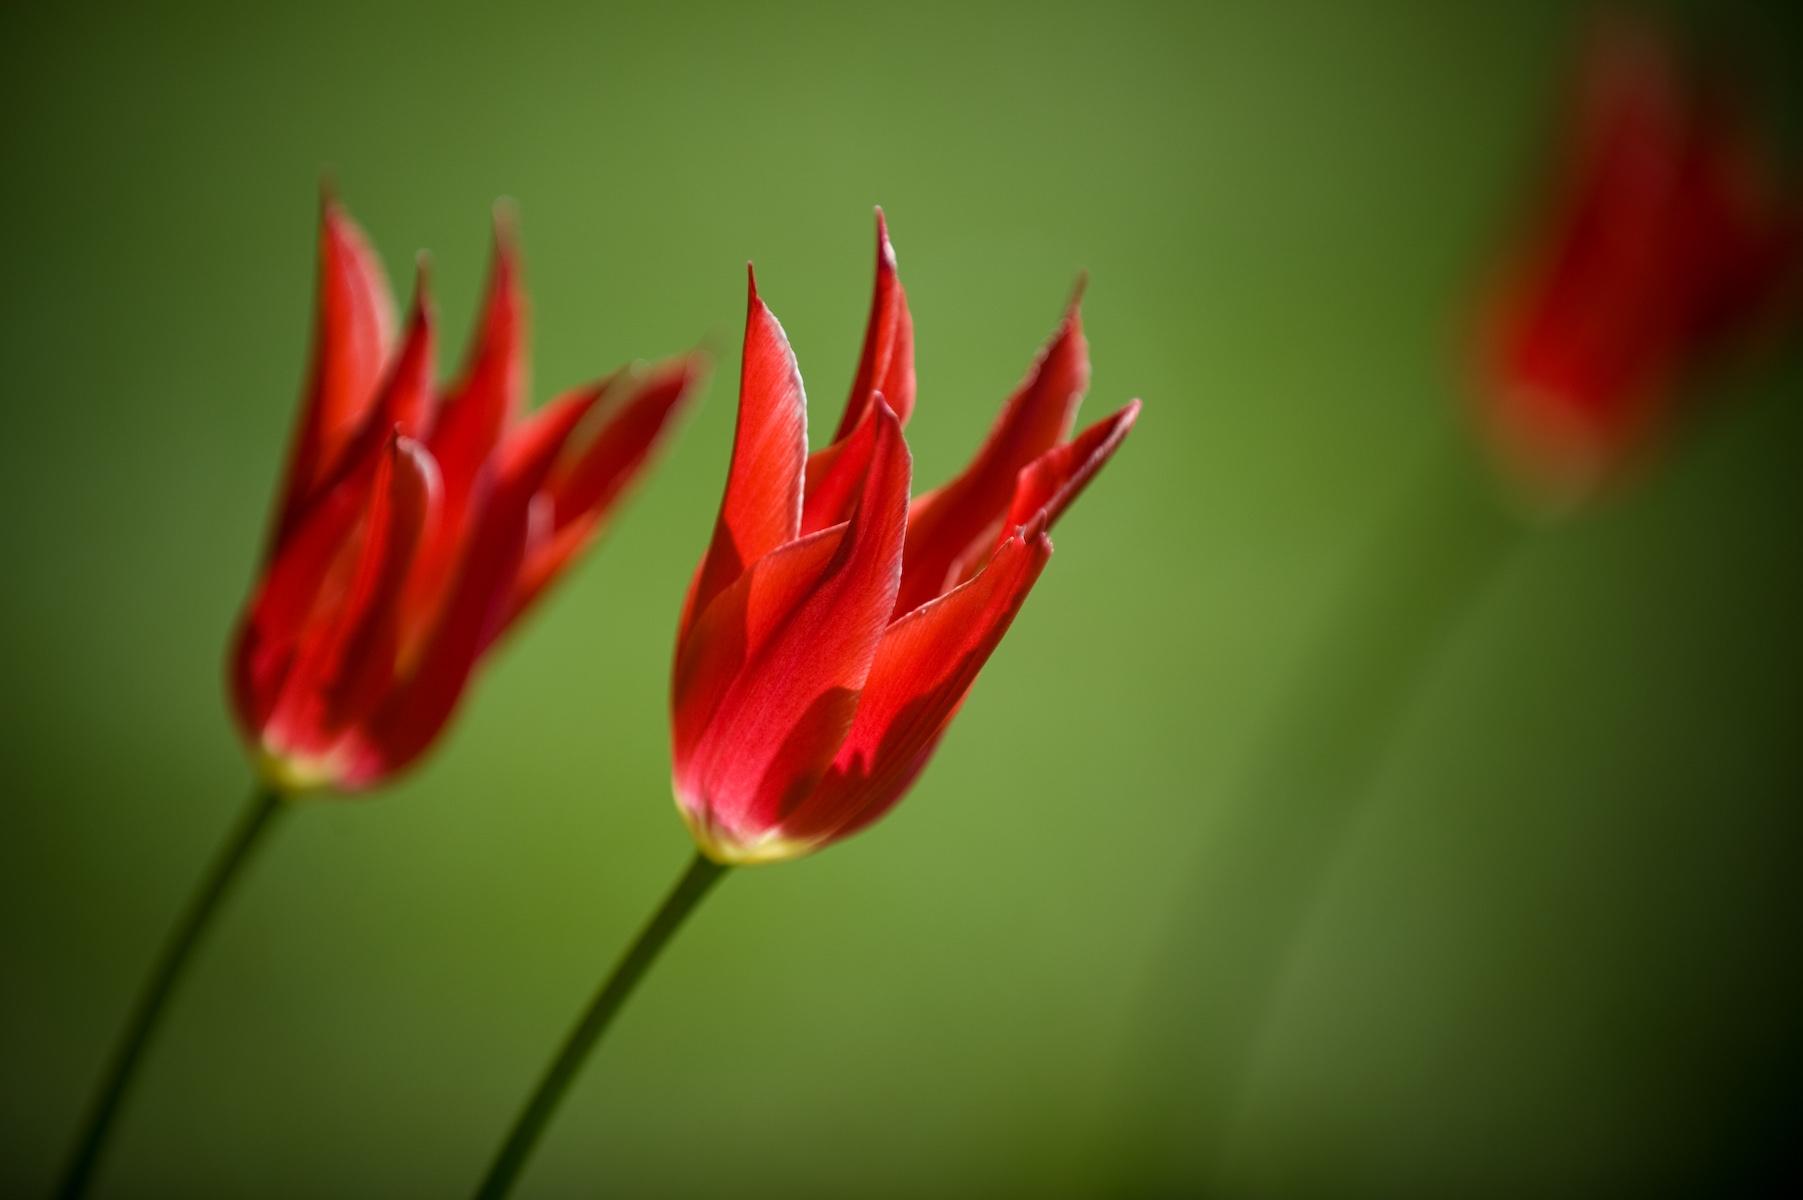 103543 скачать обои Цветы, Королевские, Два, Крупный План, Тюльпаны - заставки и картинки бесплатно